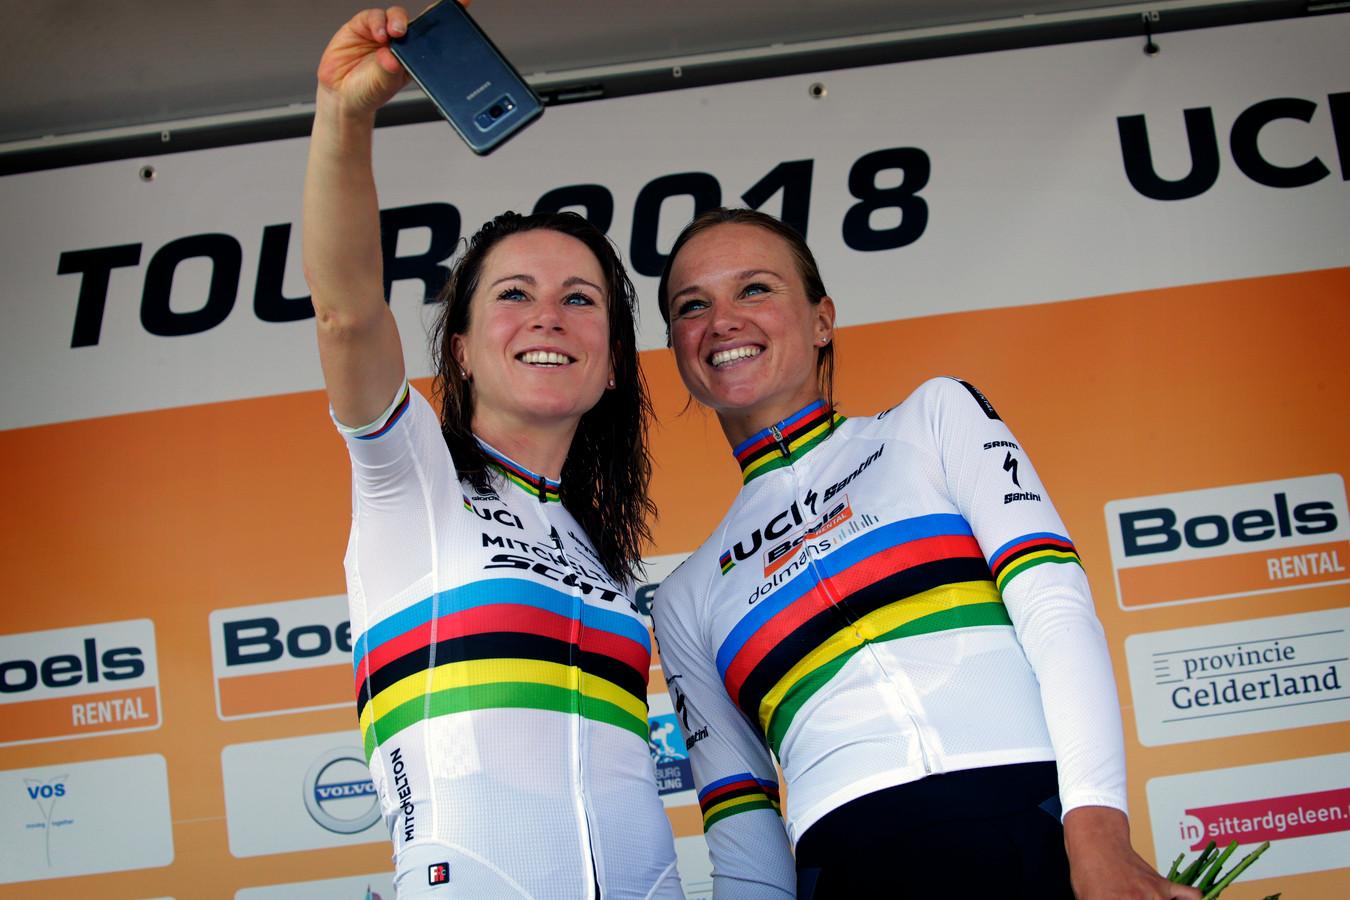 Wereldkampioene tijdrijden Annemiek van Vleuten (links) op het podium van de Boels Ladies Tour met de wereldkampioene op de weg van 2017, Chantal Blaak.